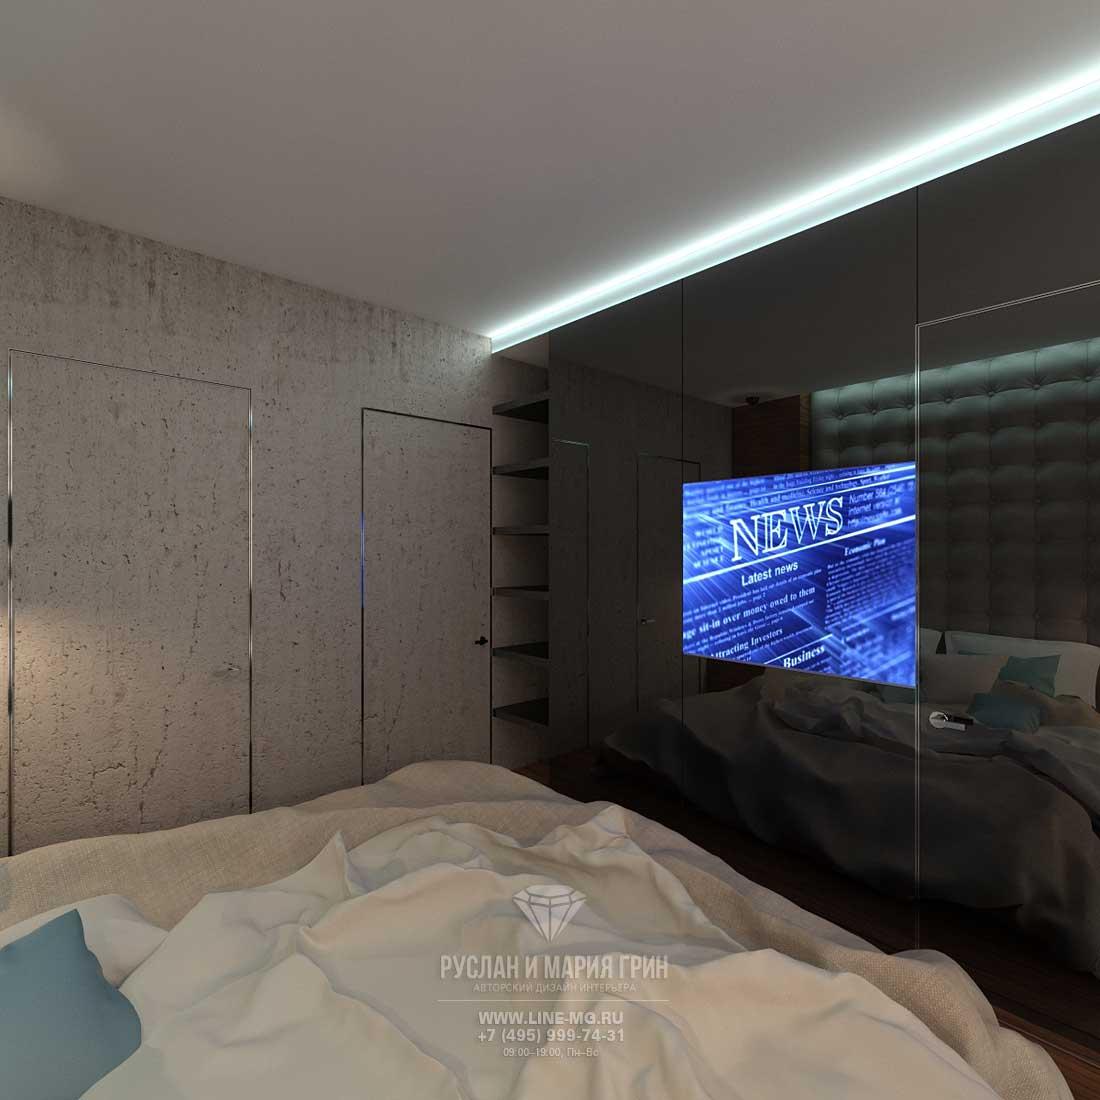 ТВ-зона интерьера спальни